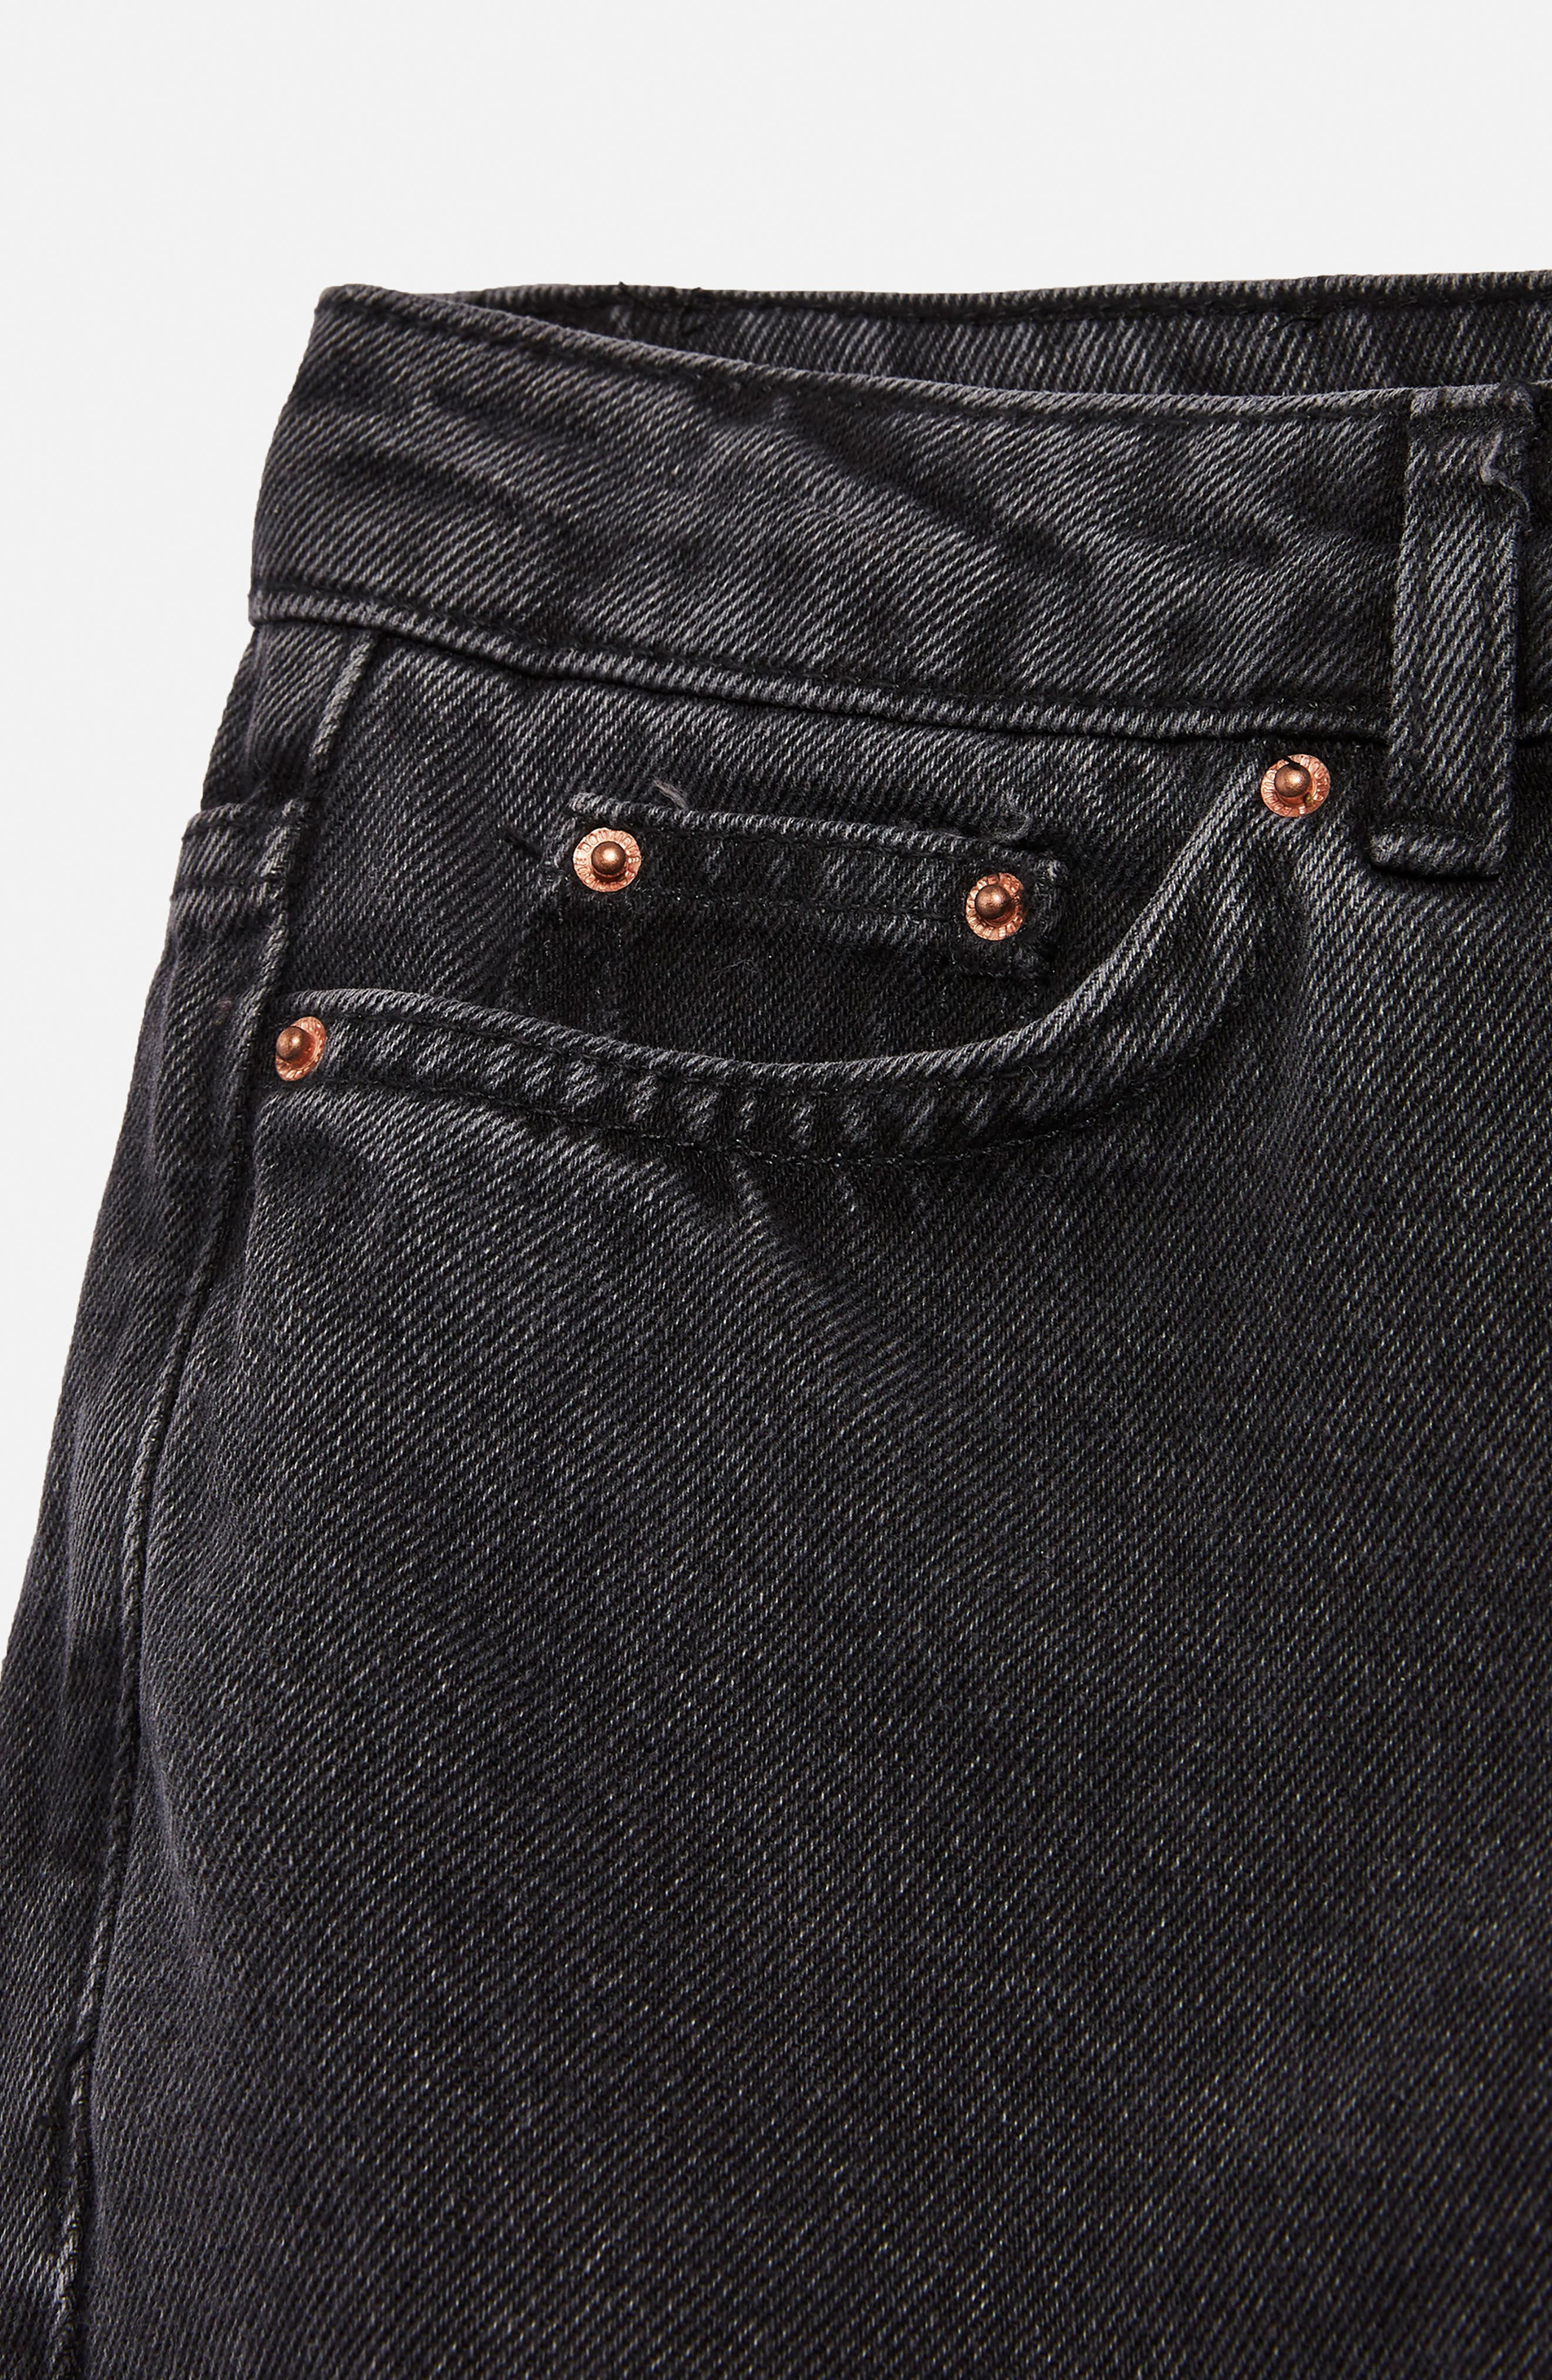 Raw Hem Kick Flare Jeans,                             Alternate thumbnail 3, color,                             Washed Black